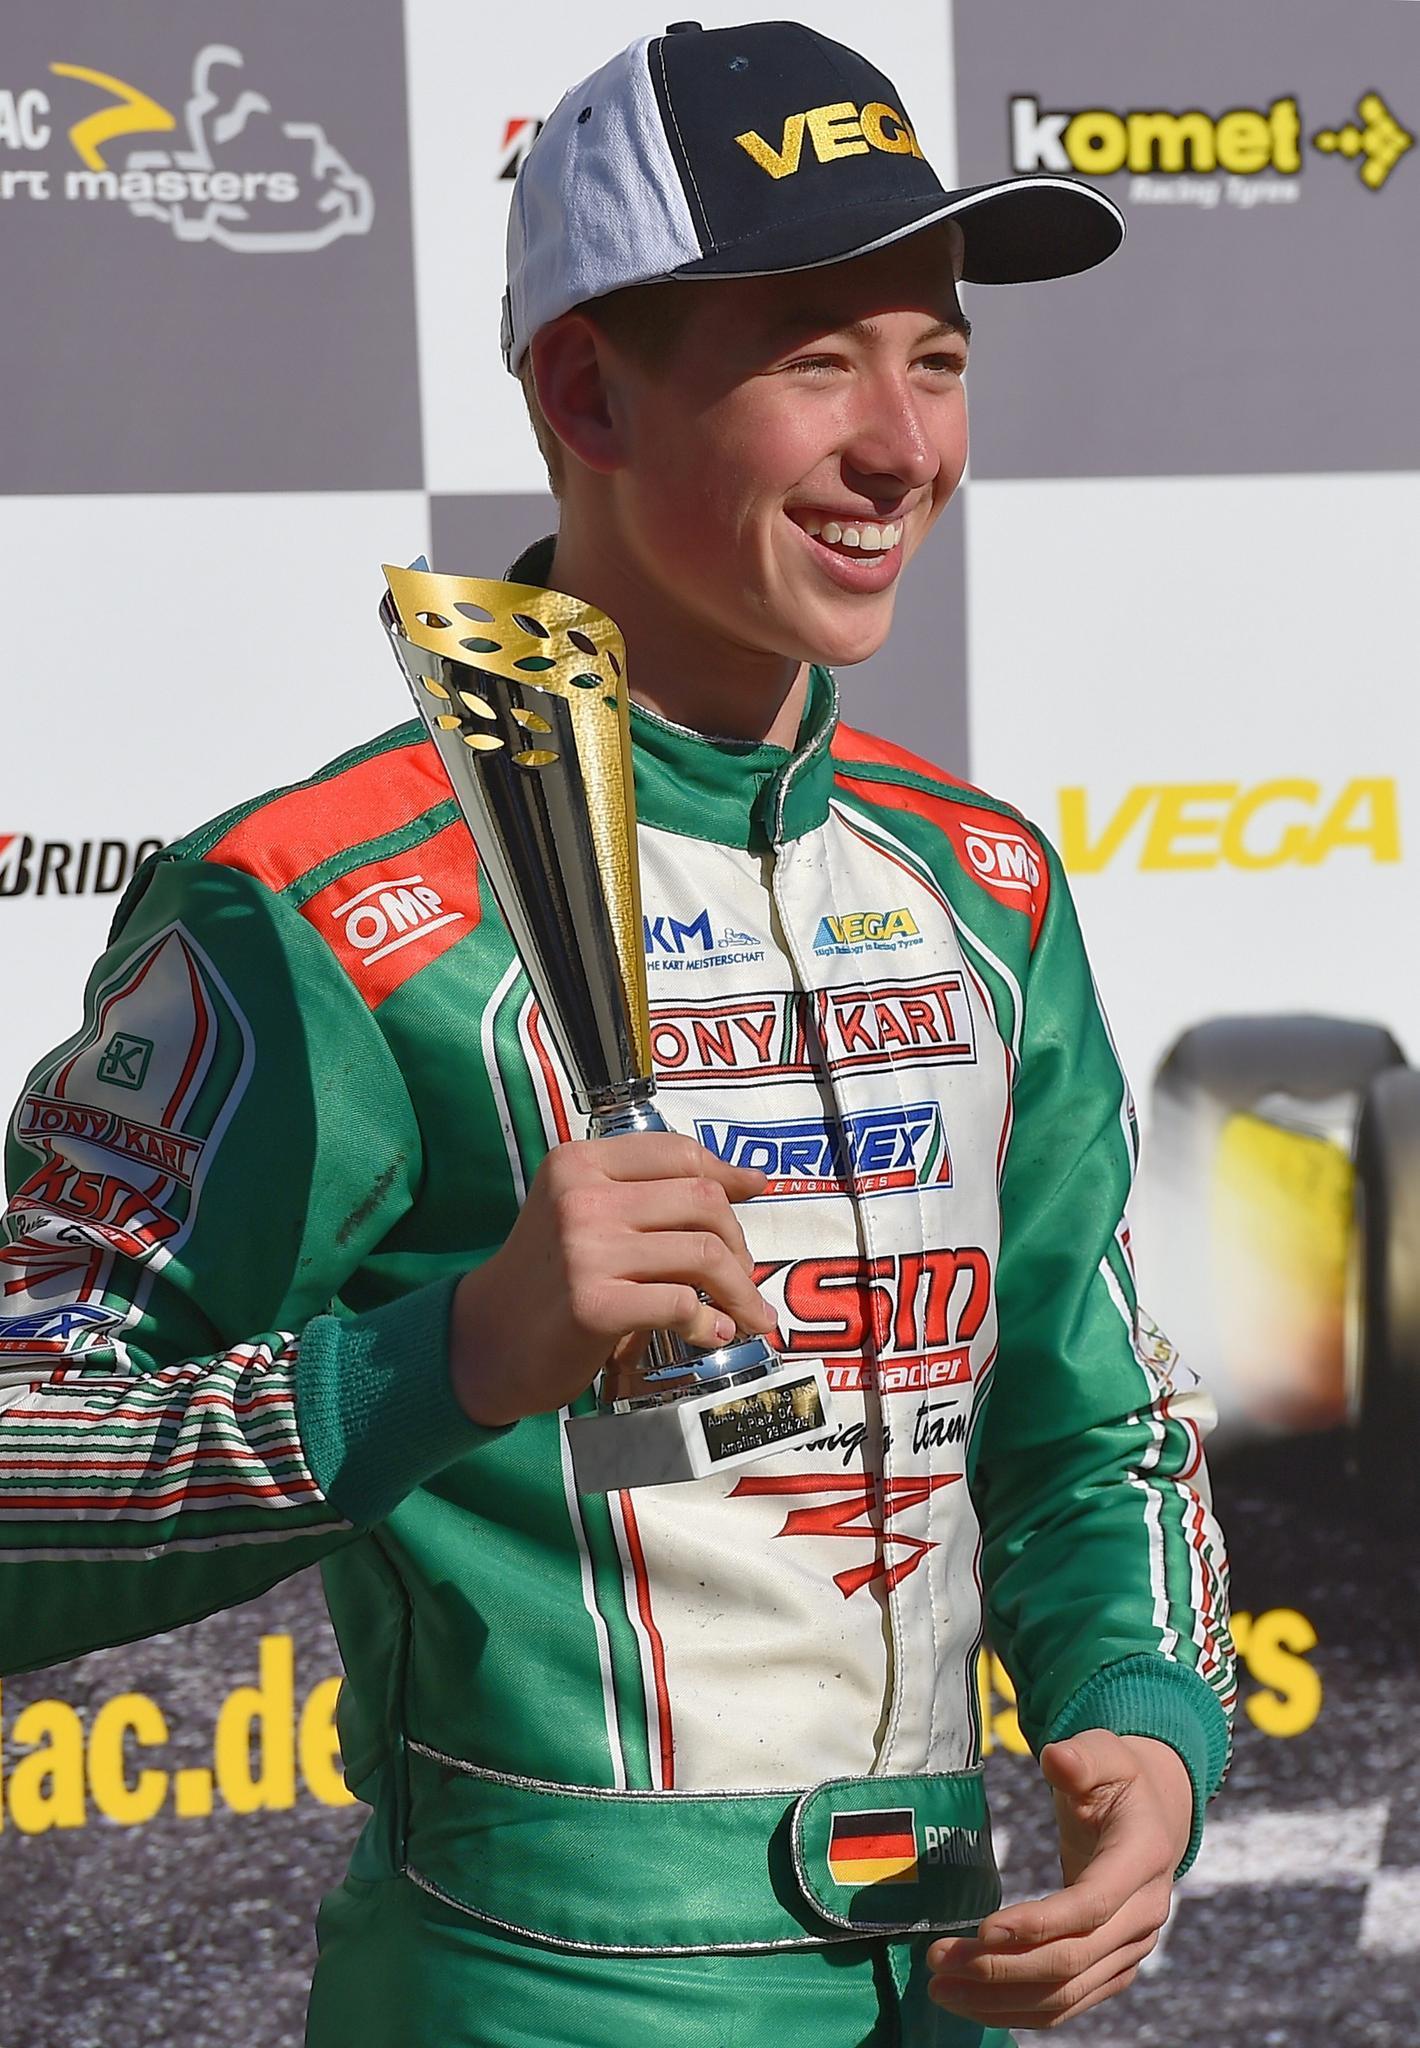 David Schumacher